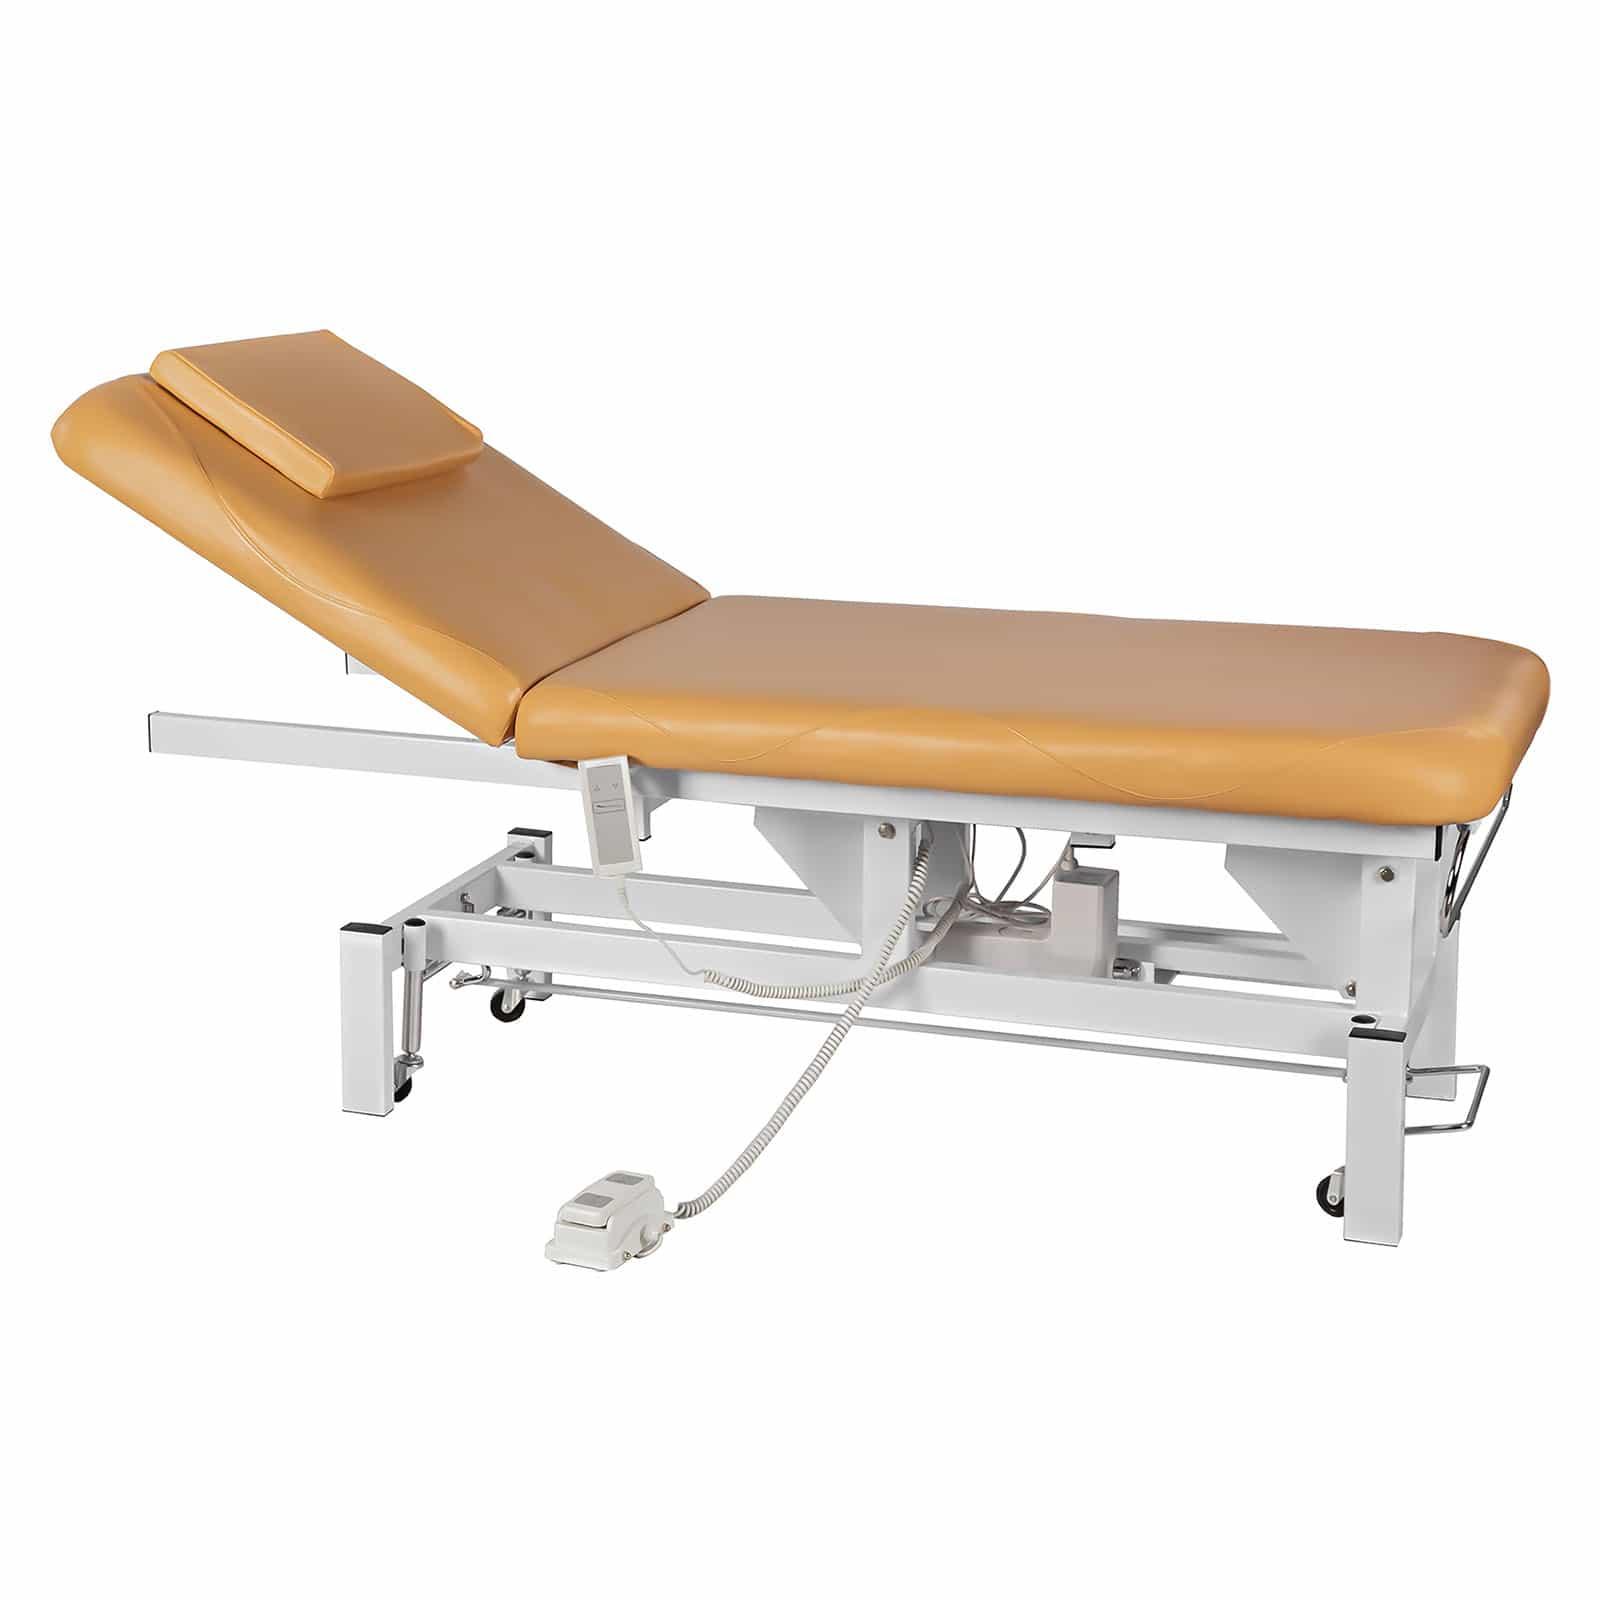 Table de massage sana lectrique beige - Table electrique osteopathie occasion ...